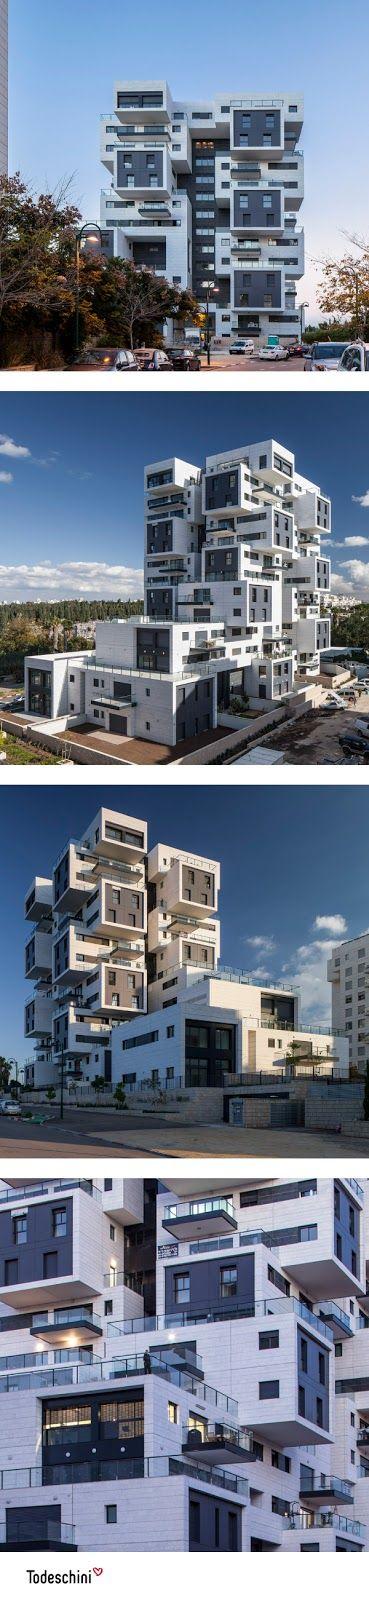 M s de 25 ideas incre bles sobre tipos de pisos en for Que altura de piso es mejor para vivir